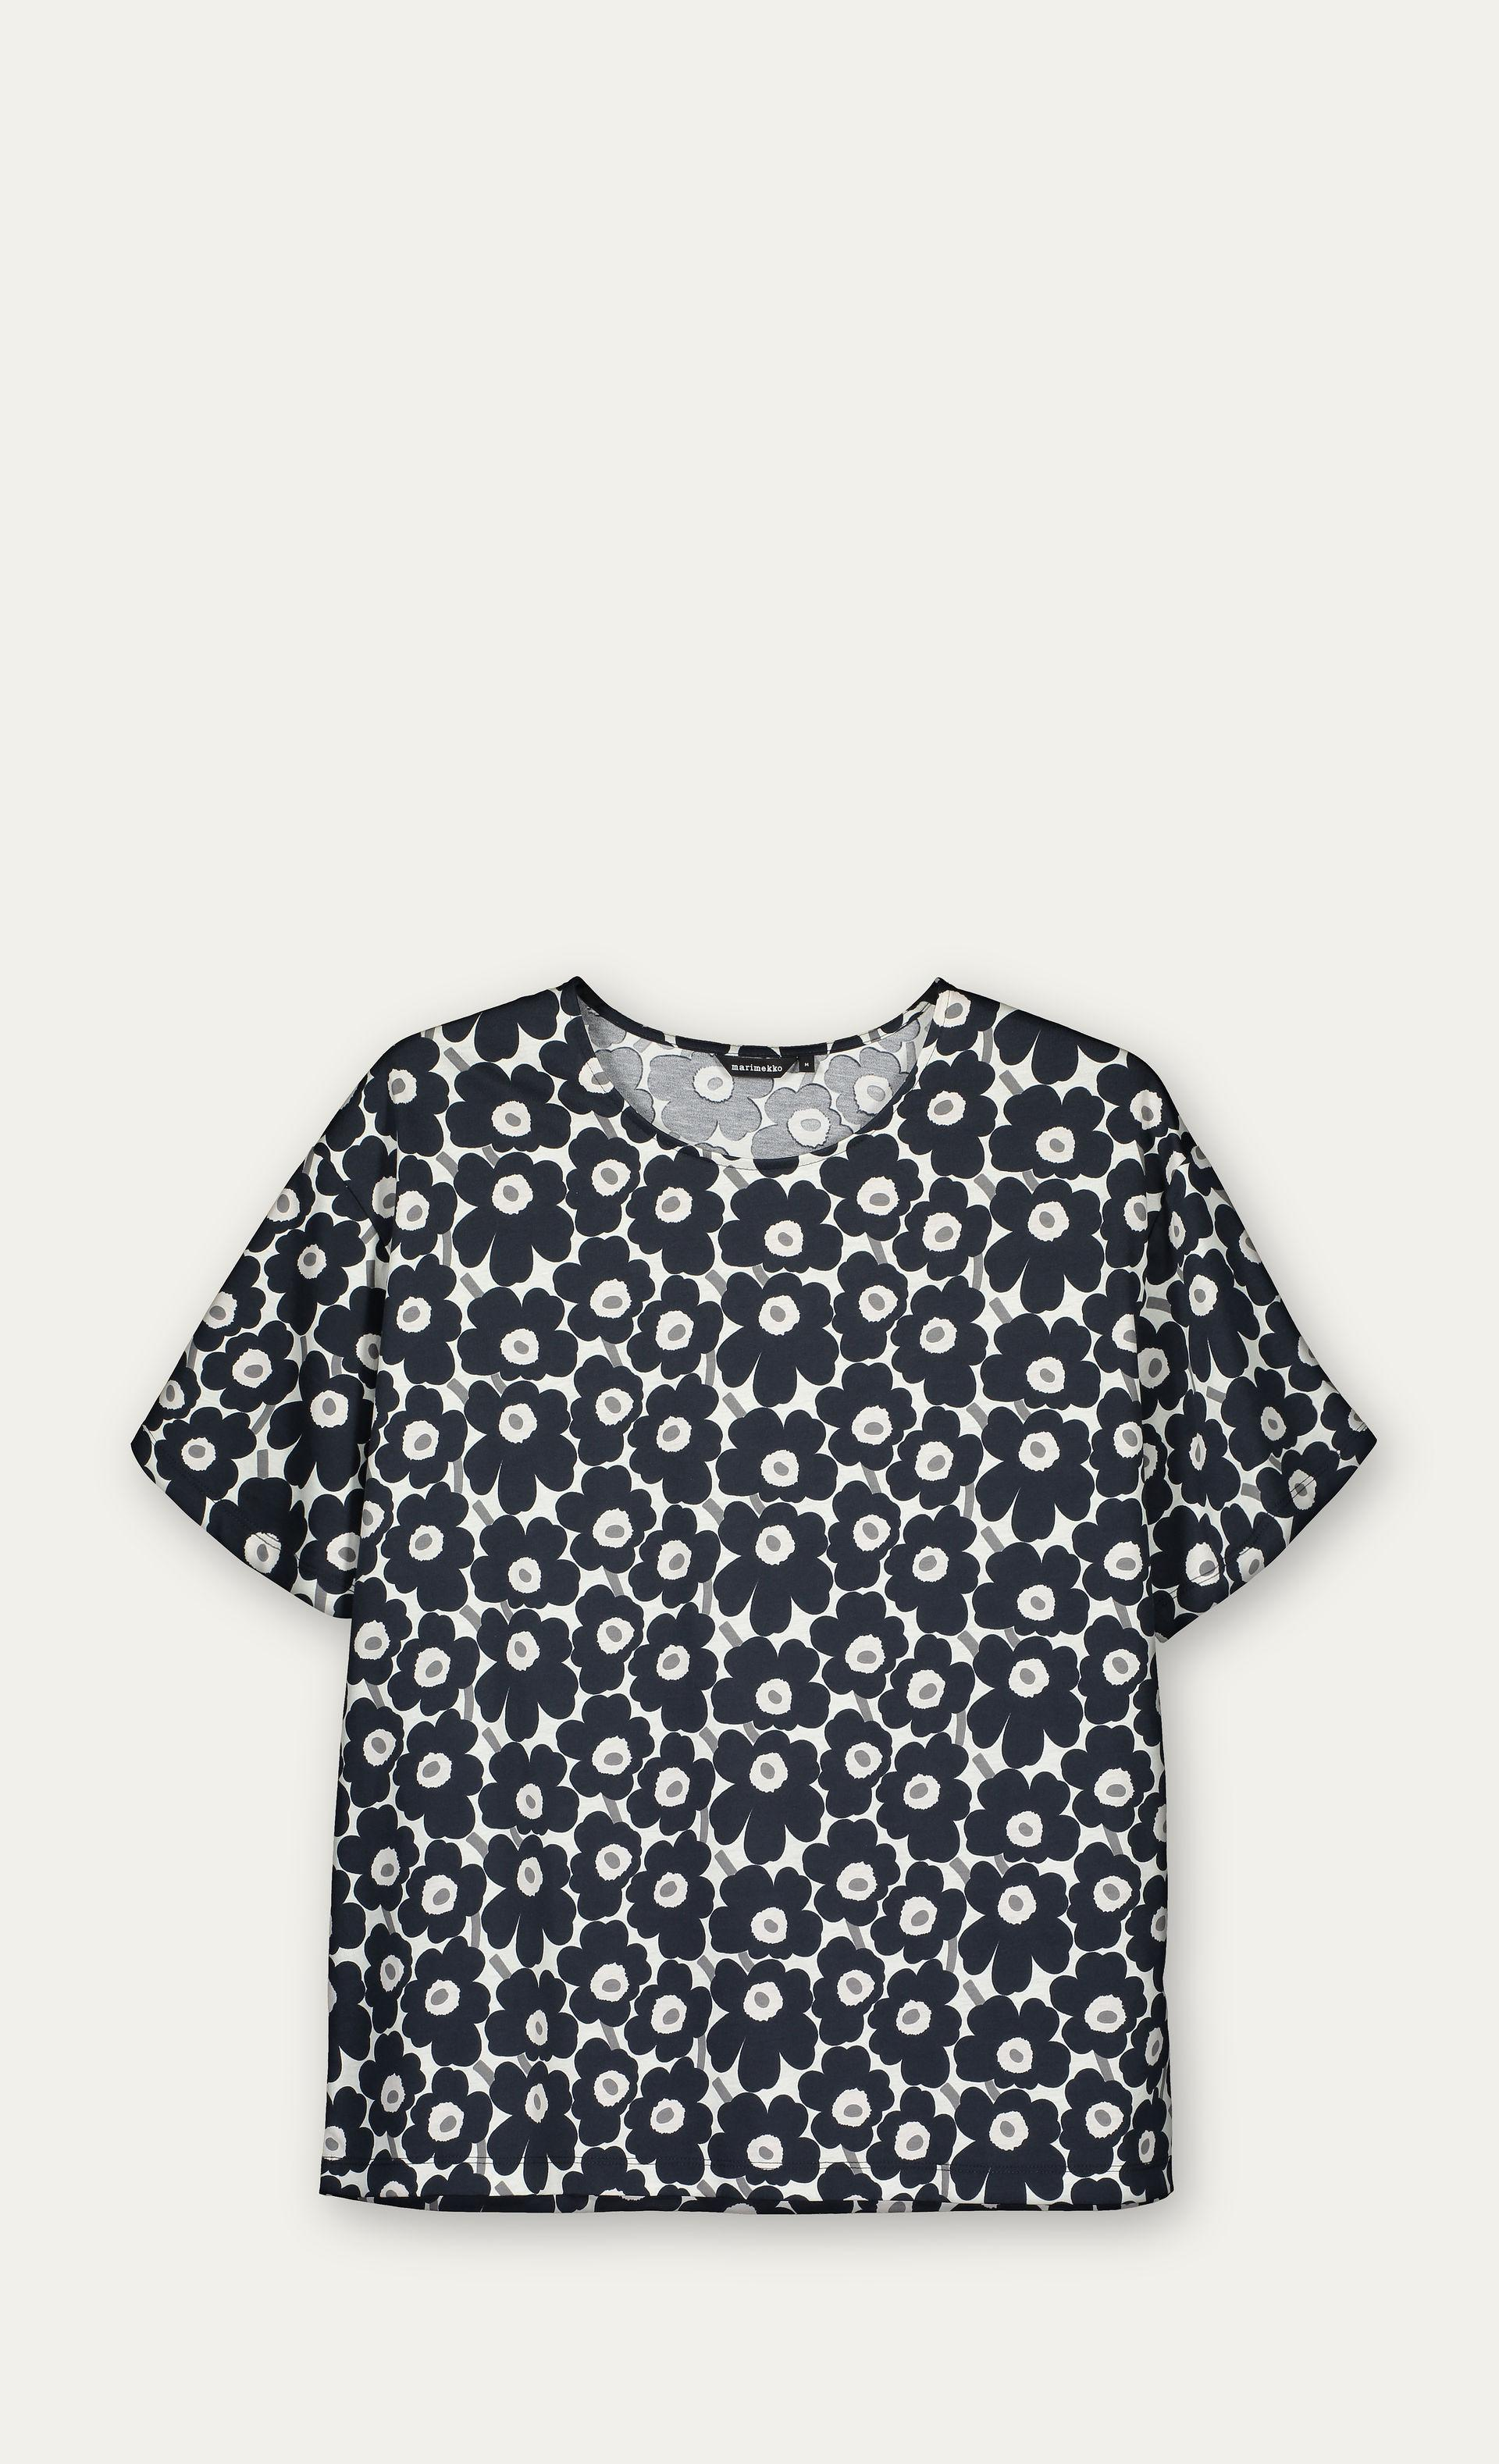 4e5620375b Marimekko Lea Unikko T-shirt in Gray - Lyst